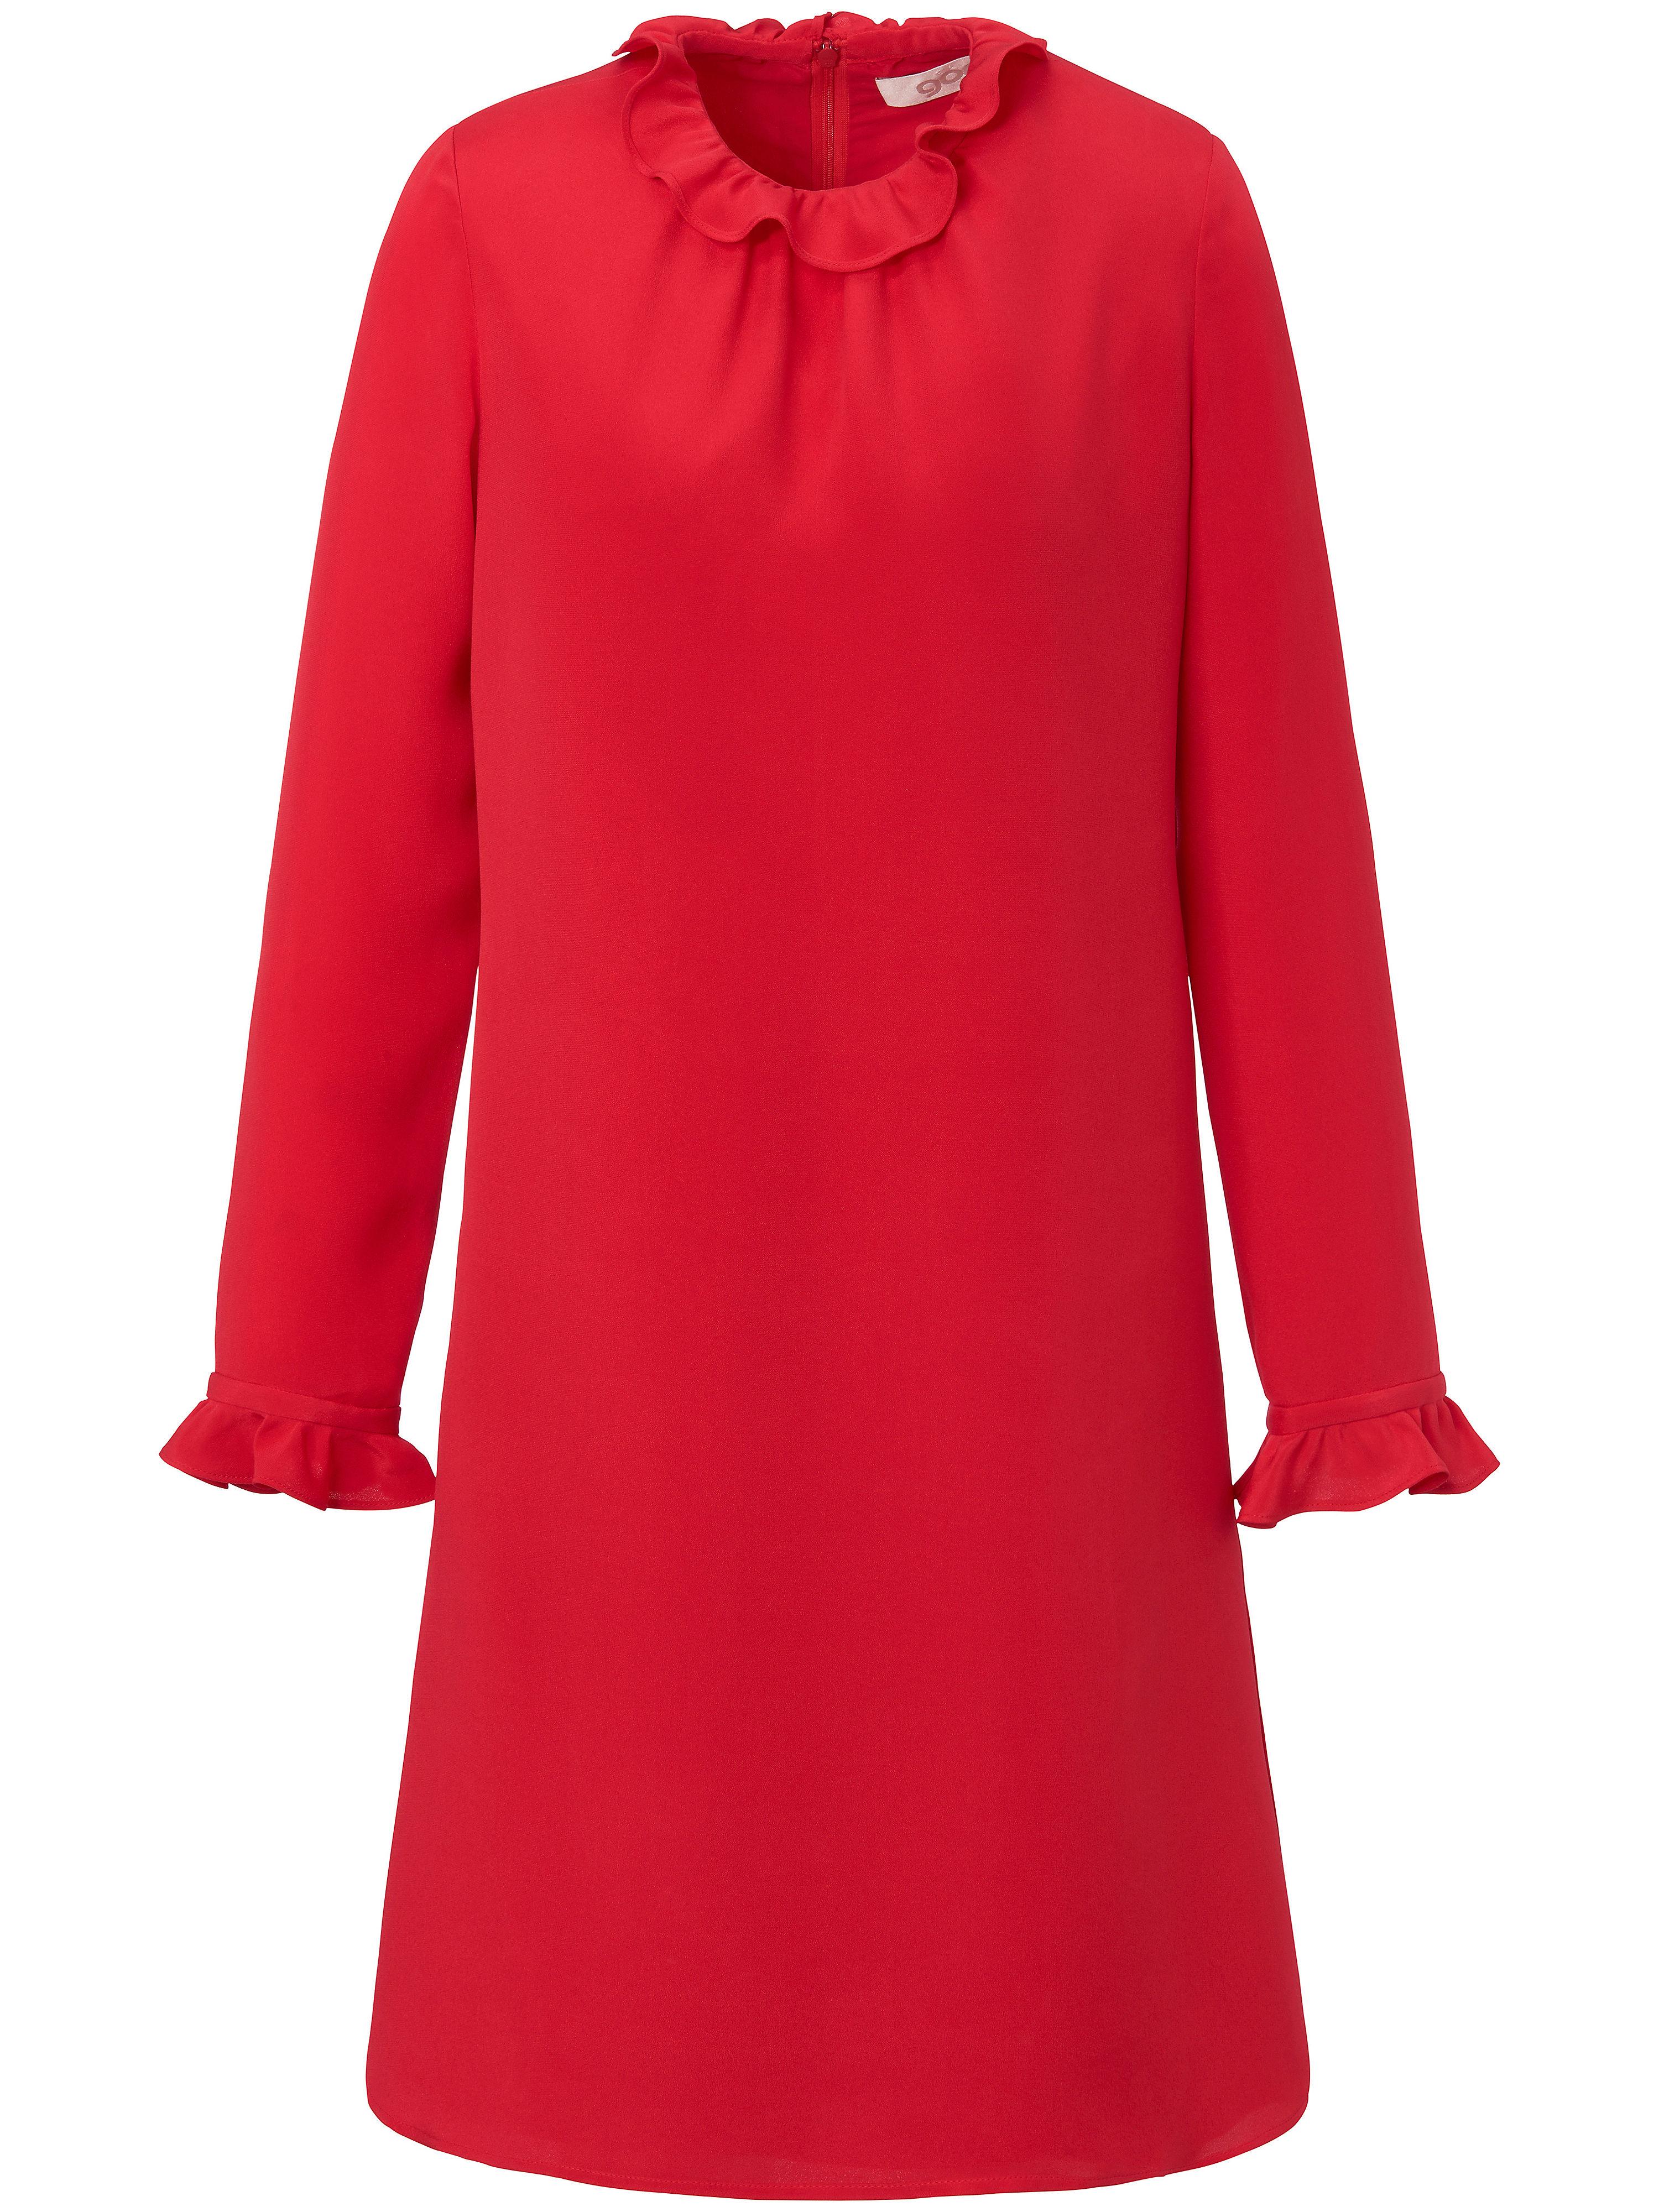 La robe 100% soie  GOAT rouge